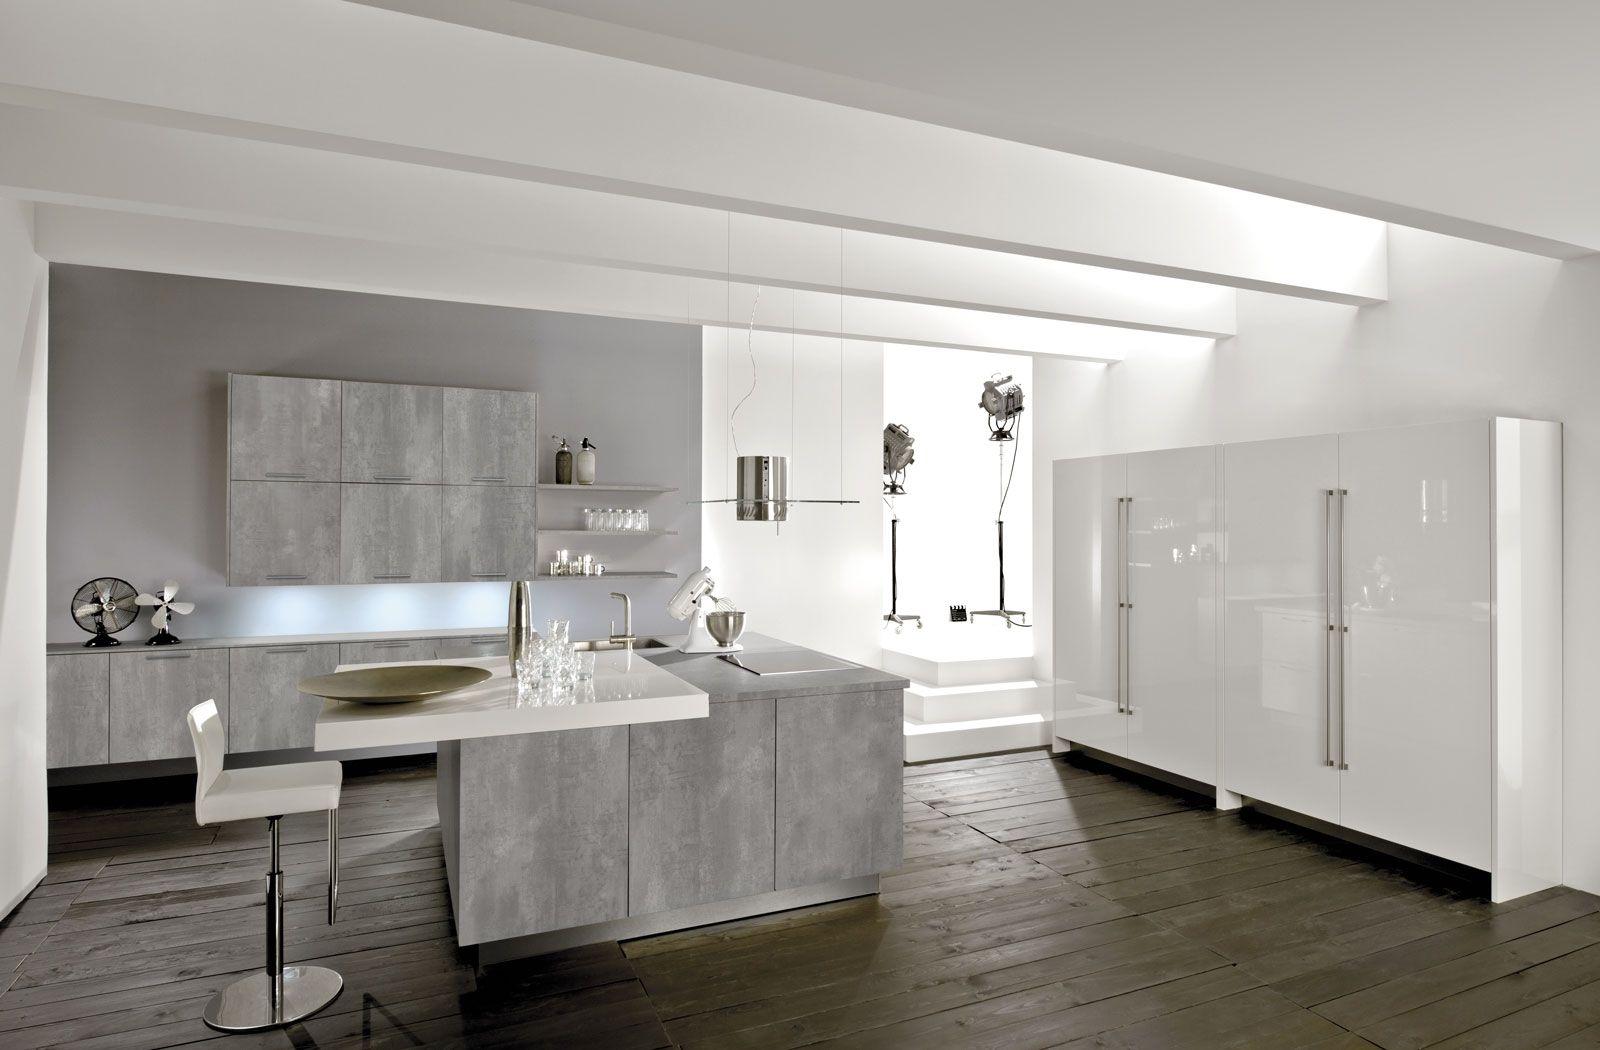 Moderne küchen weiss grau  systemat/ART - Häcker Küchen | Home | Pinterest | Häcker küchen ...